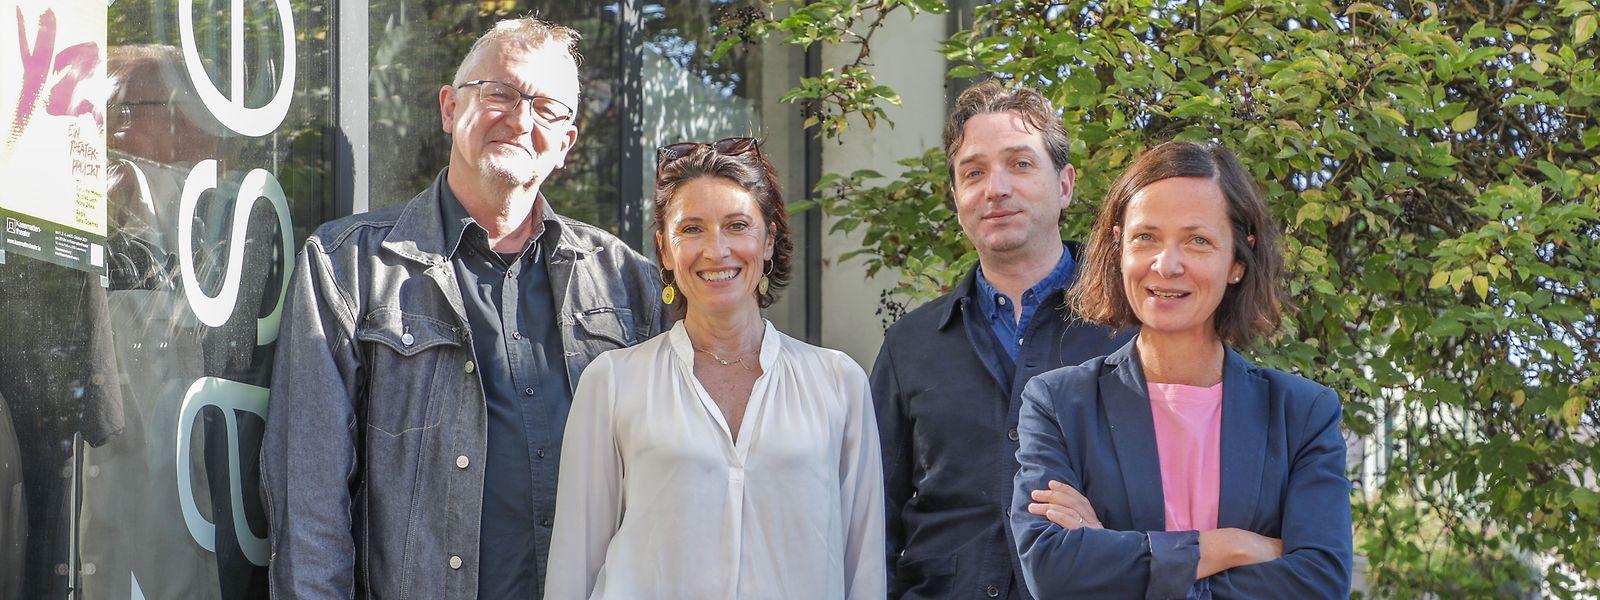 Lex Weyer (g.) et Marc Limpach, président et dramaturge du TOL, ont accueilli chez eux à Bonnevoie, le temps d'une conférence de presse commune, les directrices Véronique Fauconnet du TOL (g.) et Myriam Muller du Centaure.